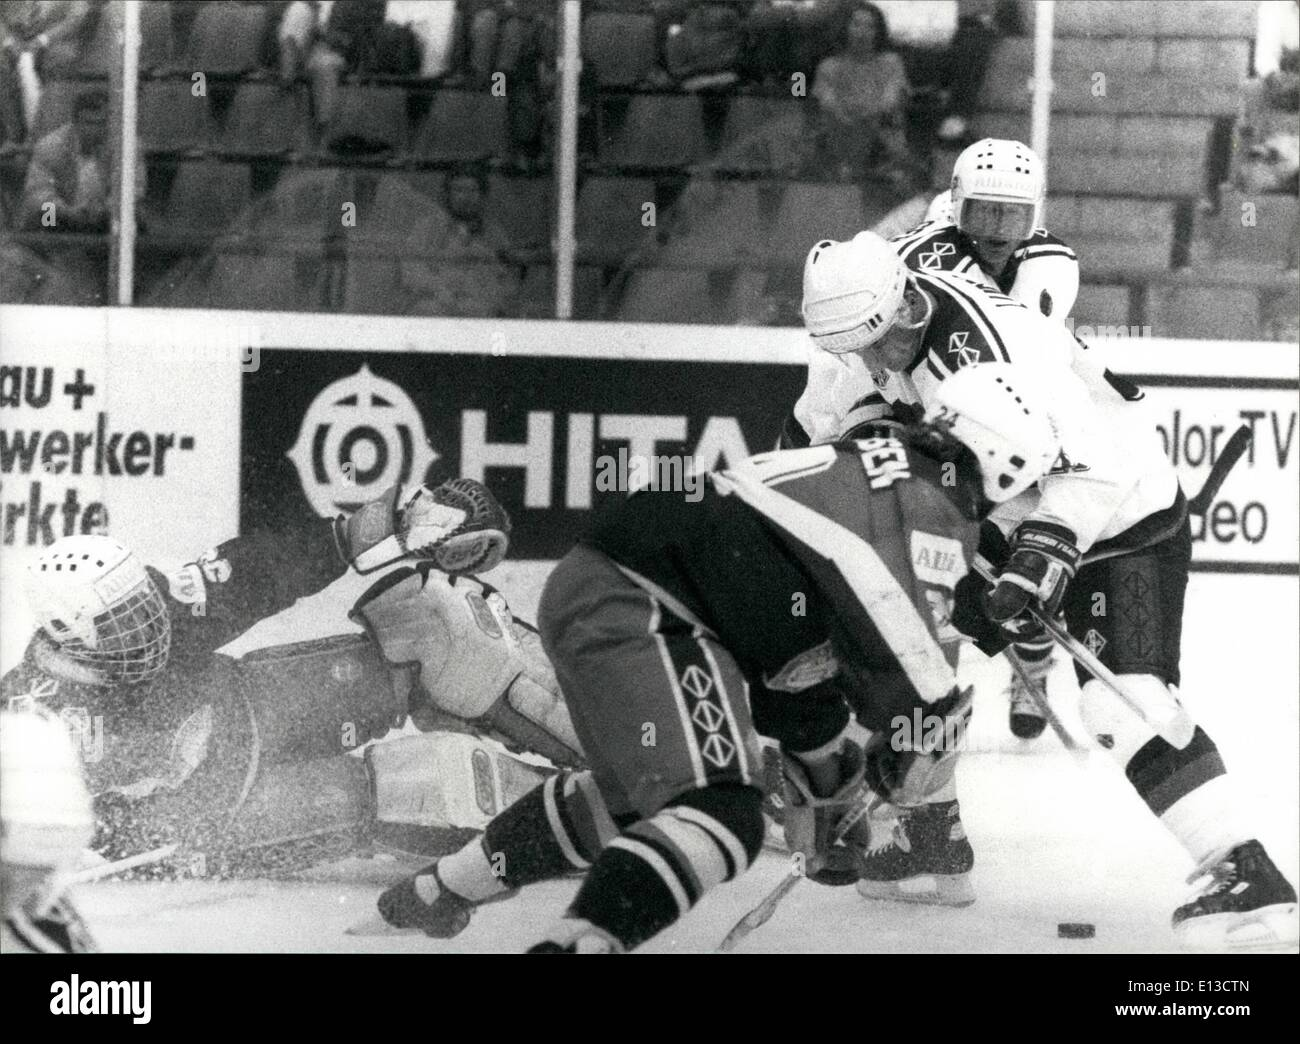 Mars 02, 2012 - Championnats du monde de hockey sur glace en Suisse: Les championnats de hockey sur glace Photo Stock